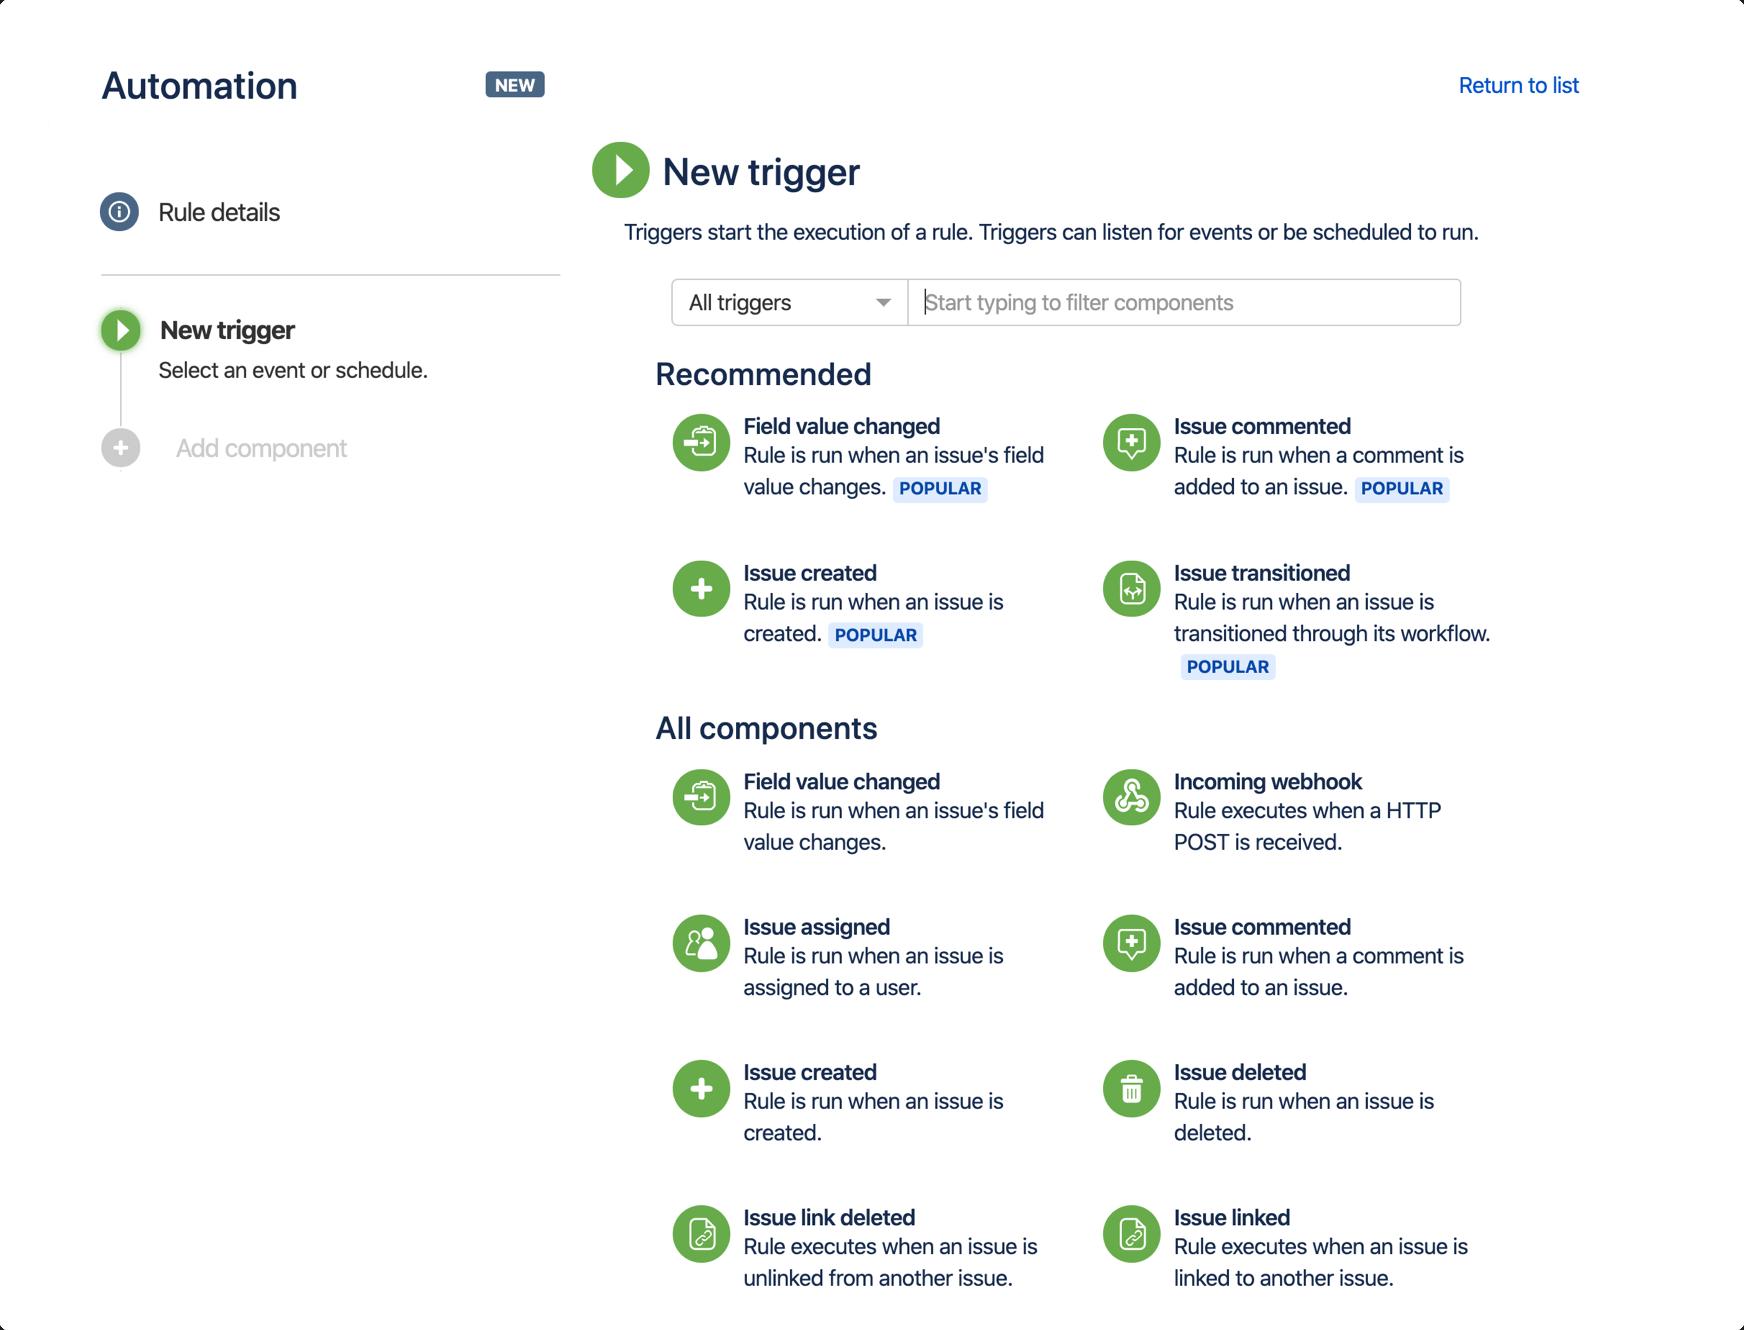 単一プロジェクトの自動化ルールのスクリーンショット